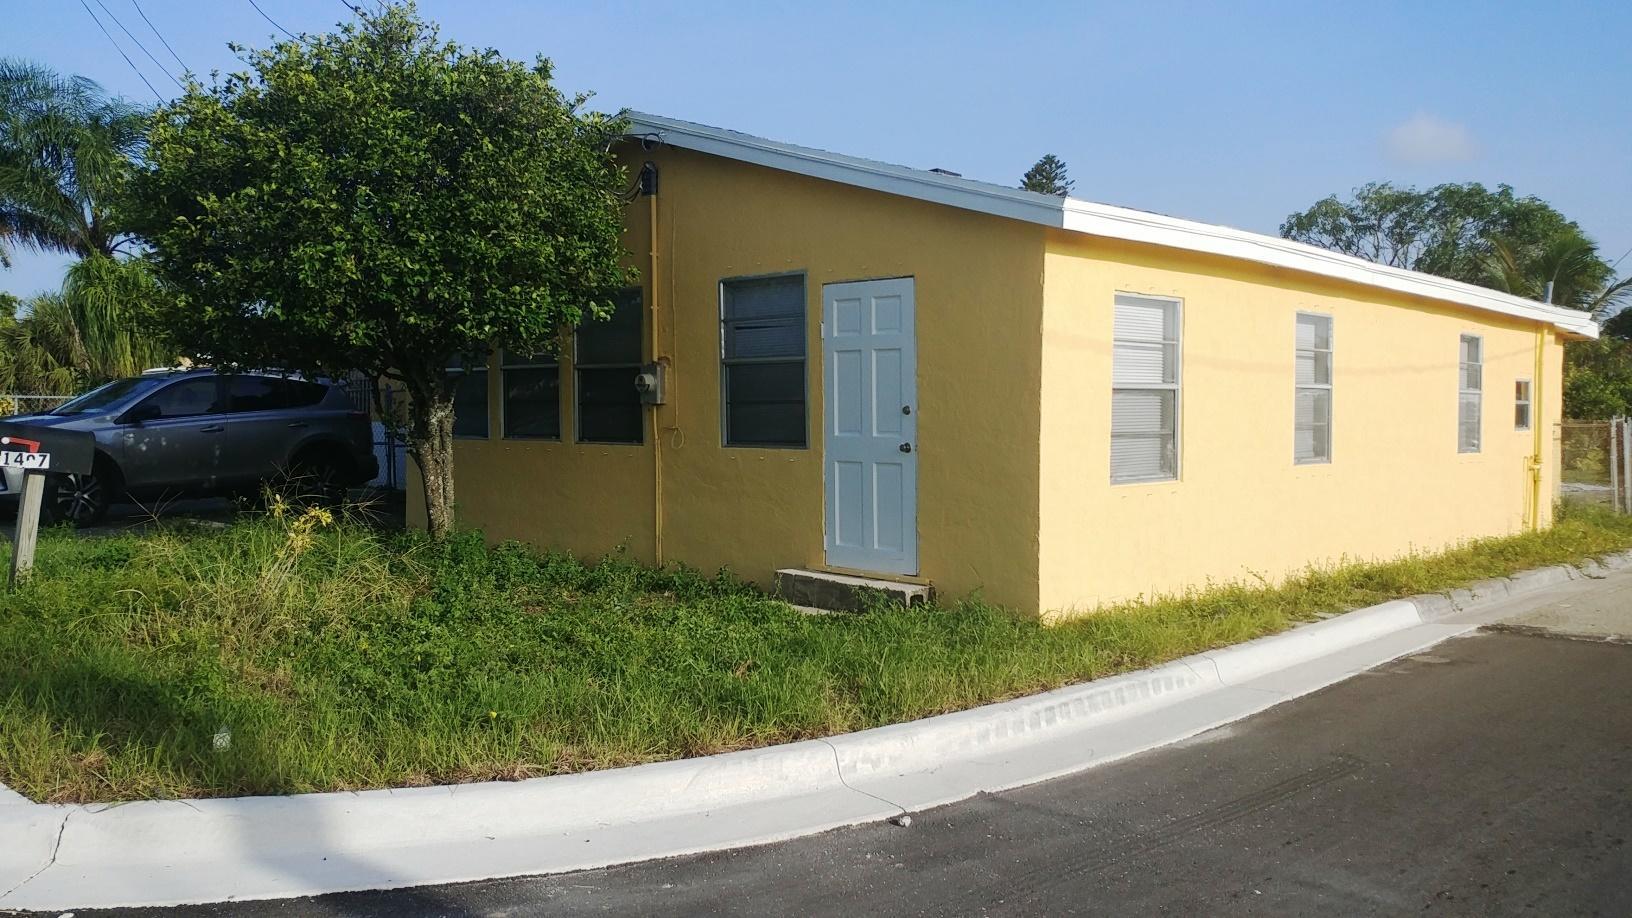 Listing Details for 1497 Silver Beach Road, Riviera Beach, FL 33404